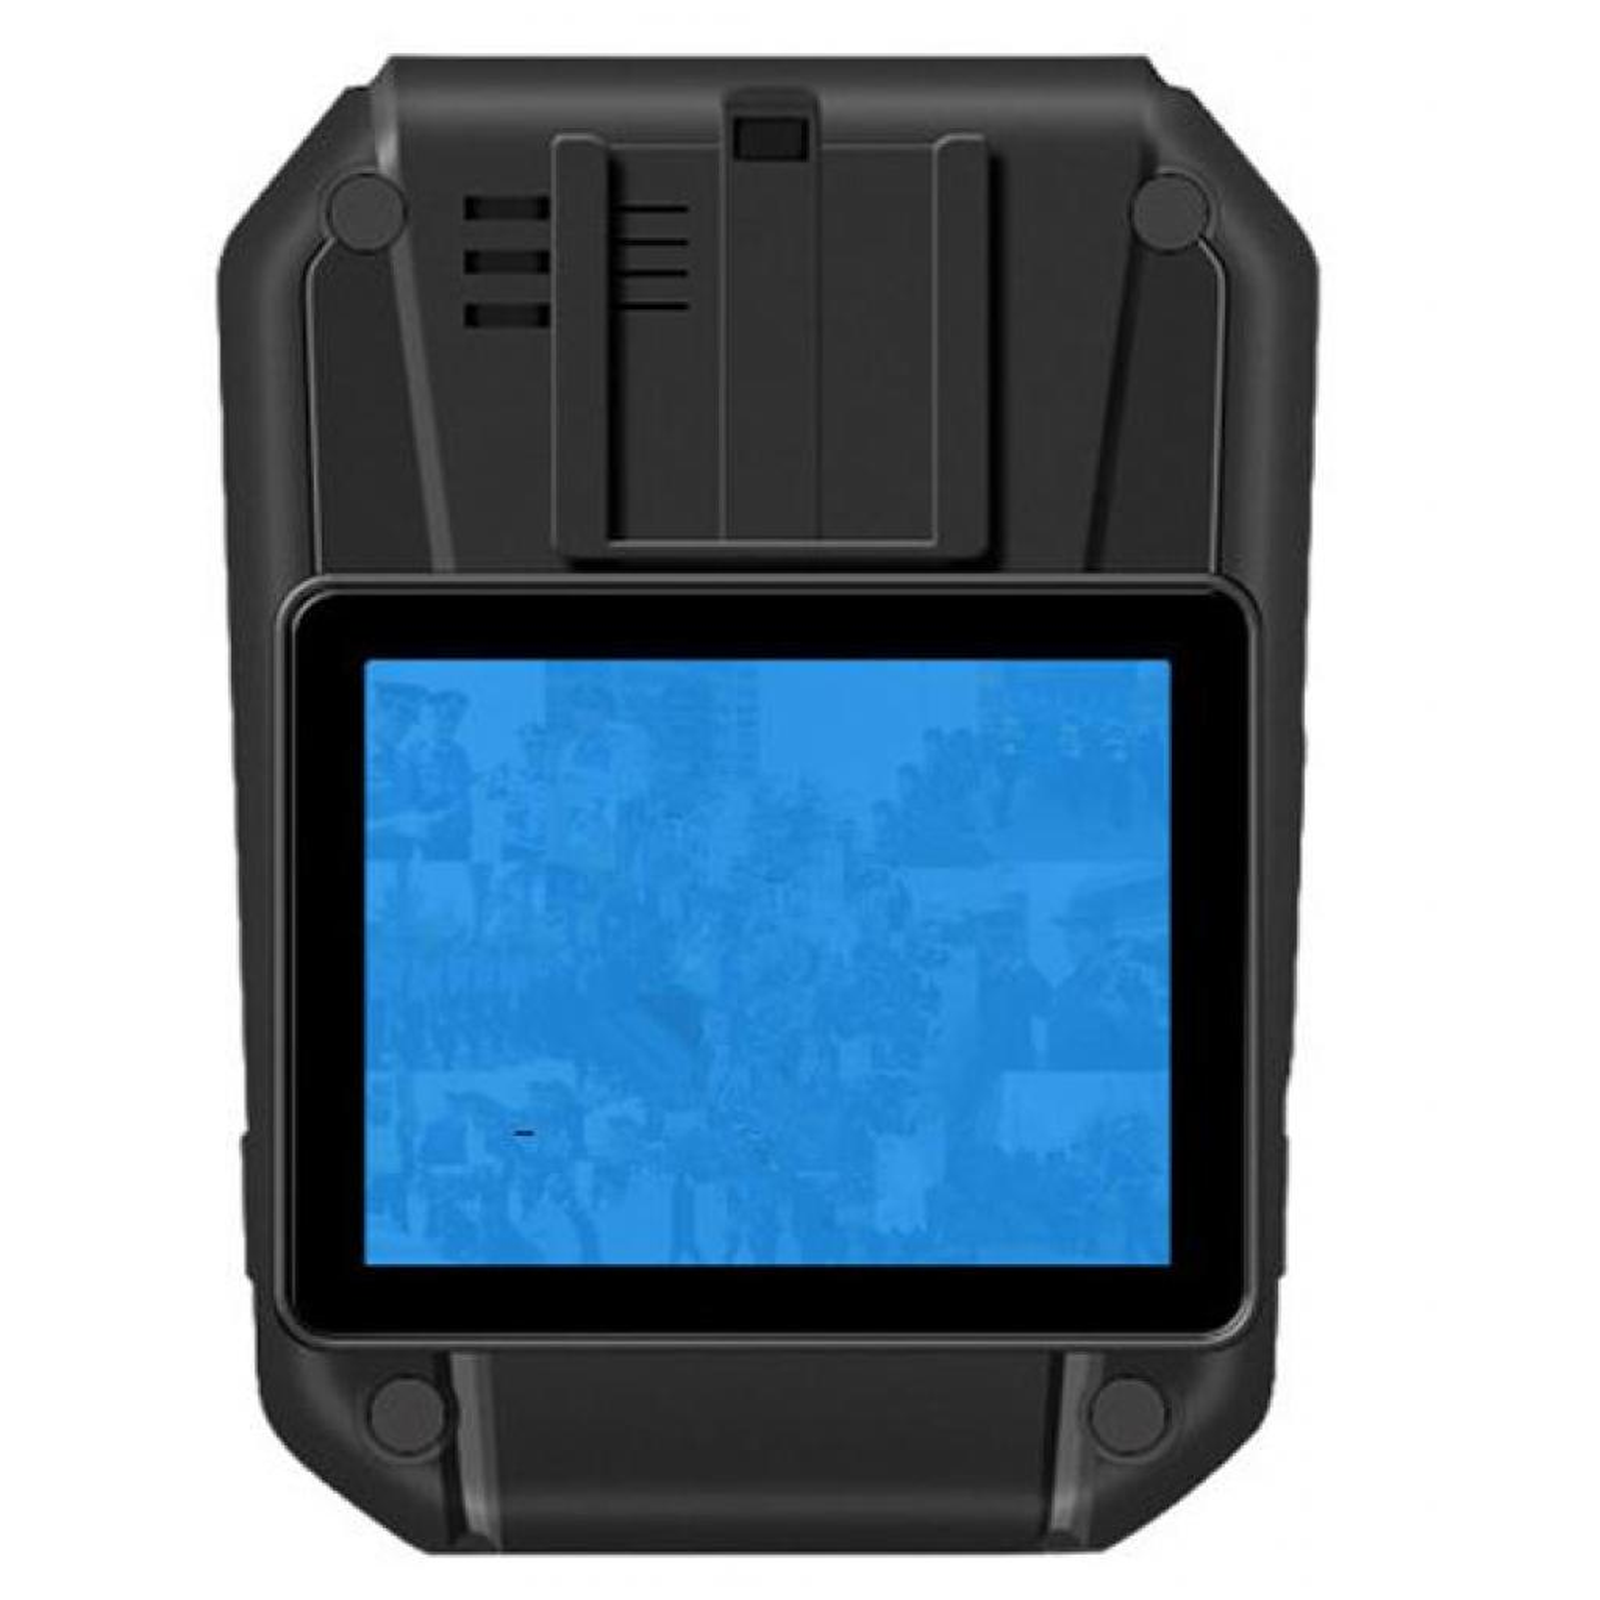 Видеорегистратор Globex Body Camera GE-915 (GE-915) изображение 4